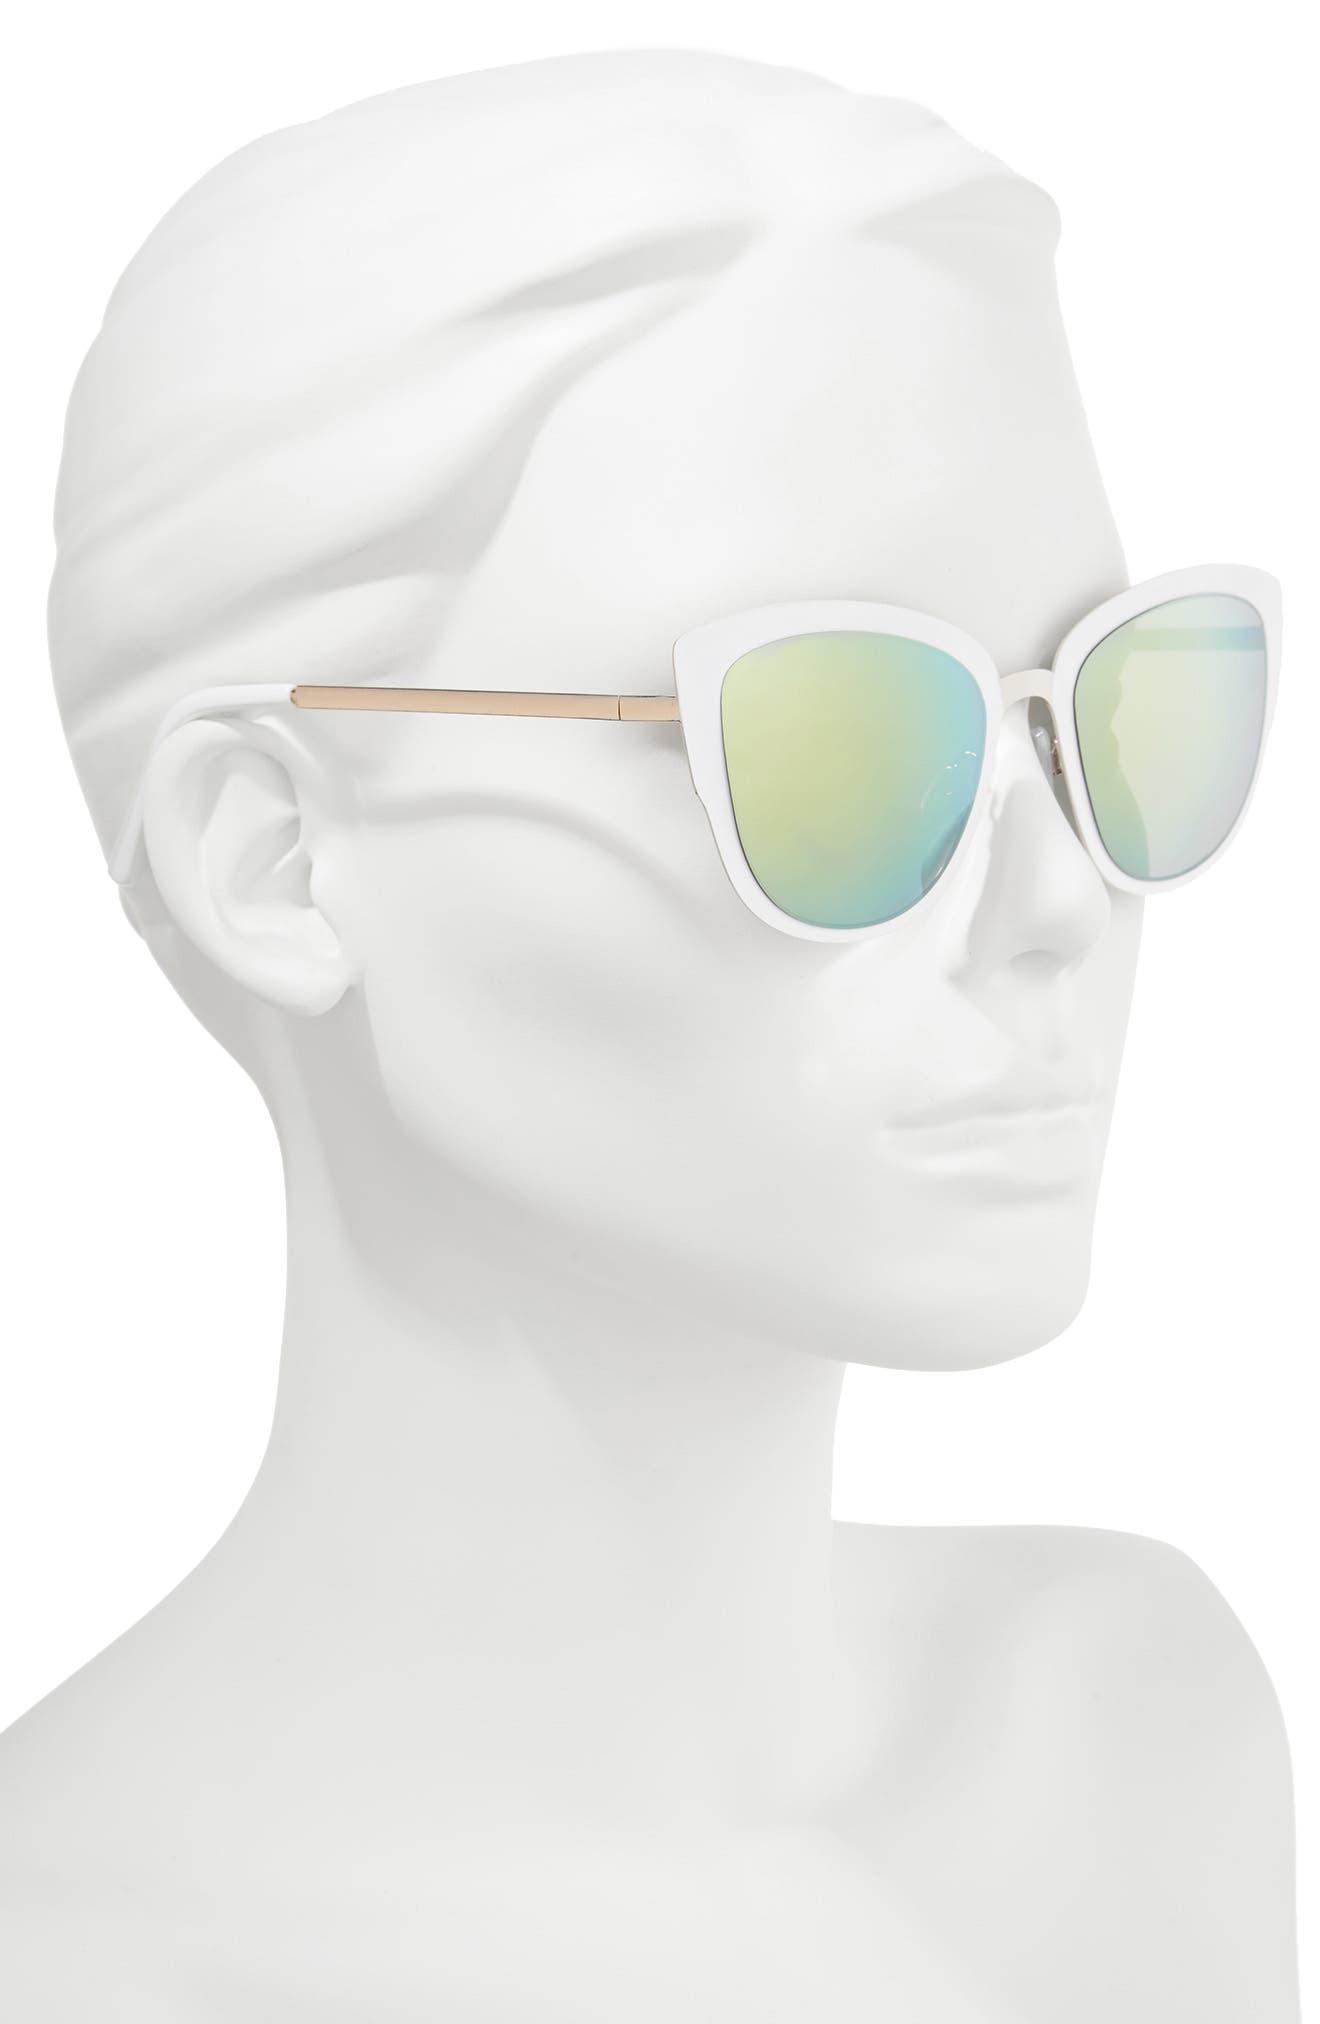 59mm Cat Eye Sunglasses,                             Alternate thumbnail 2, color,                             Gold/ White